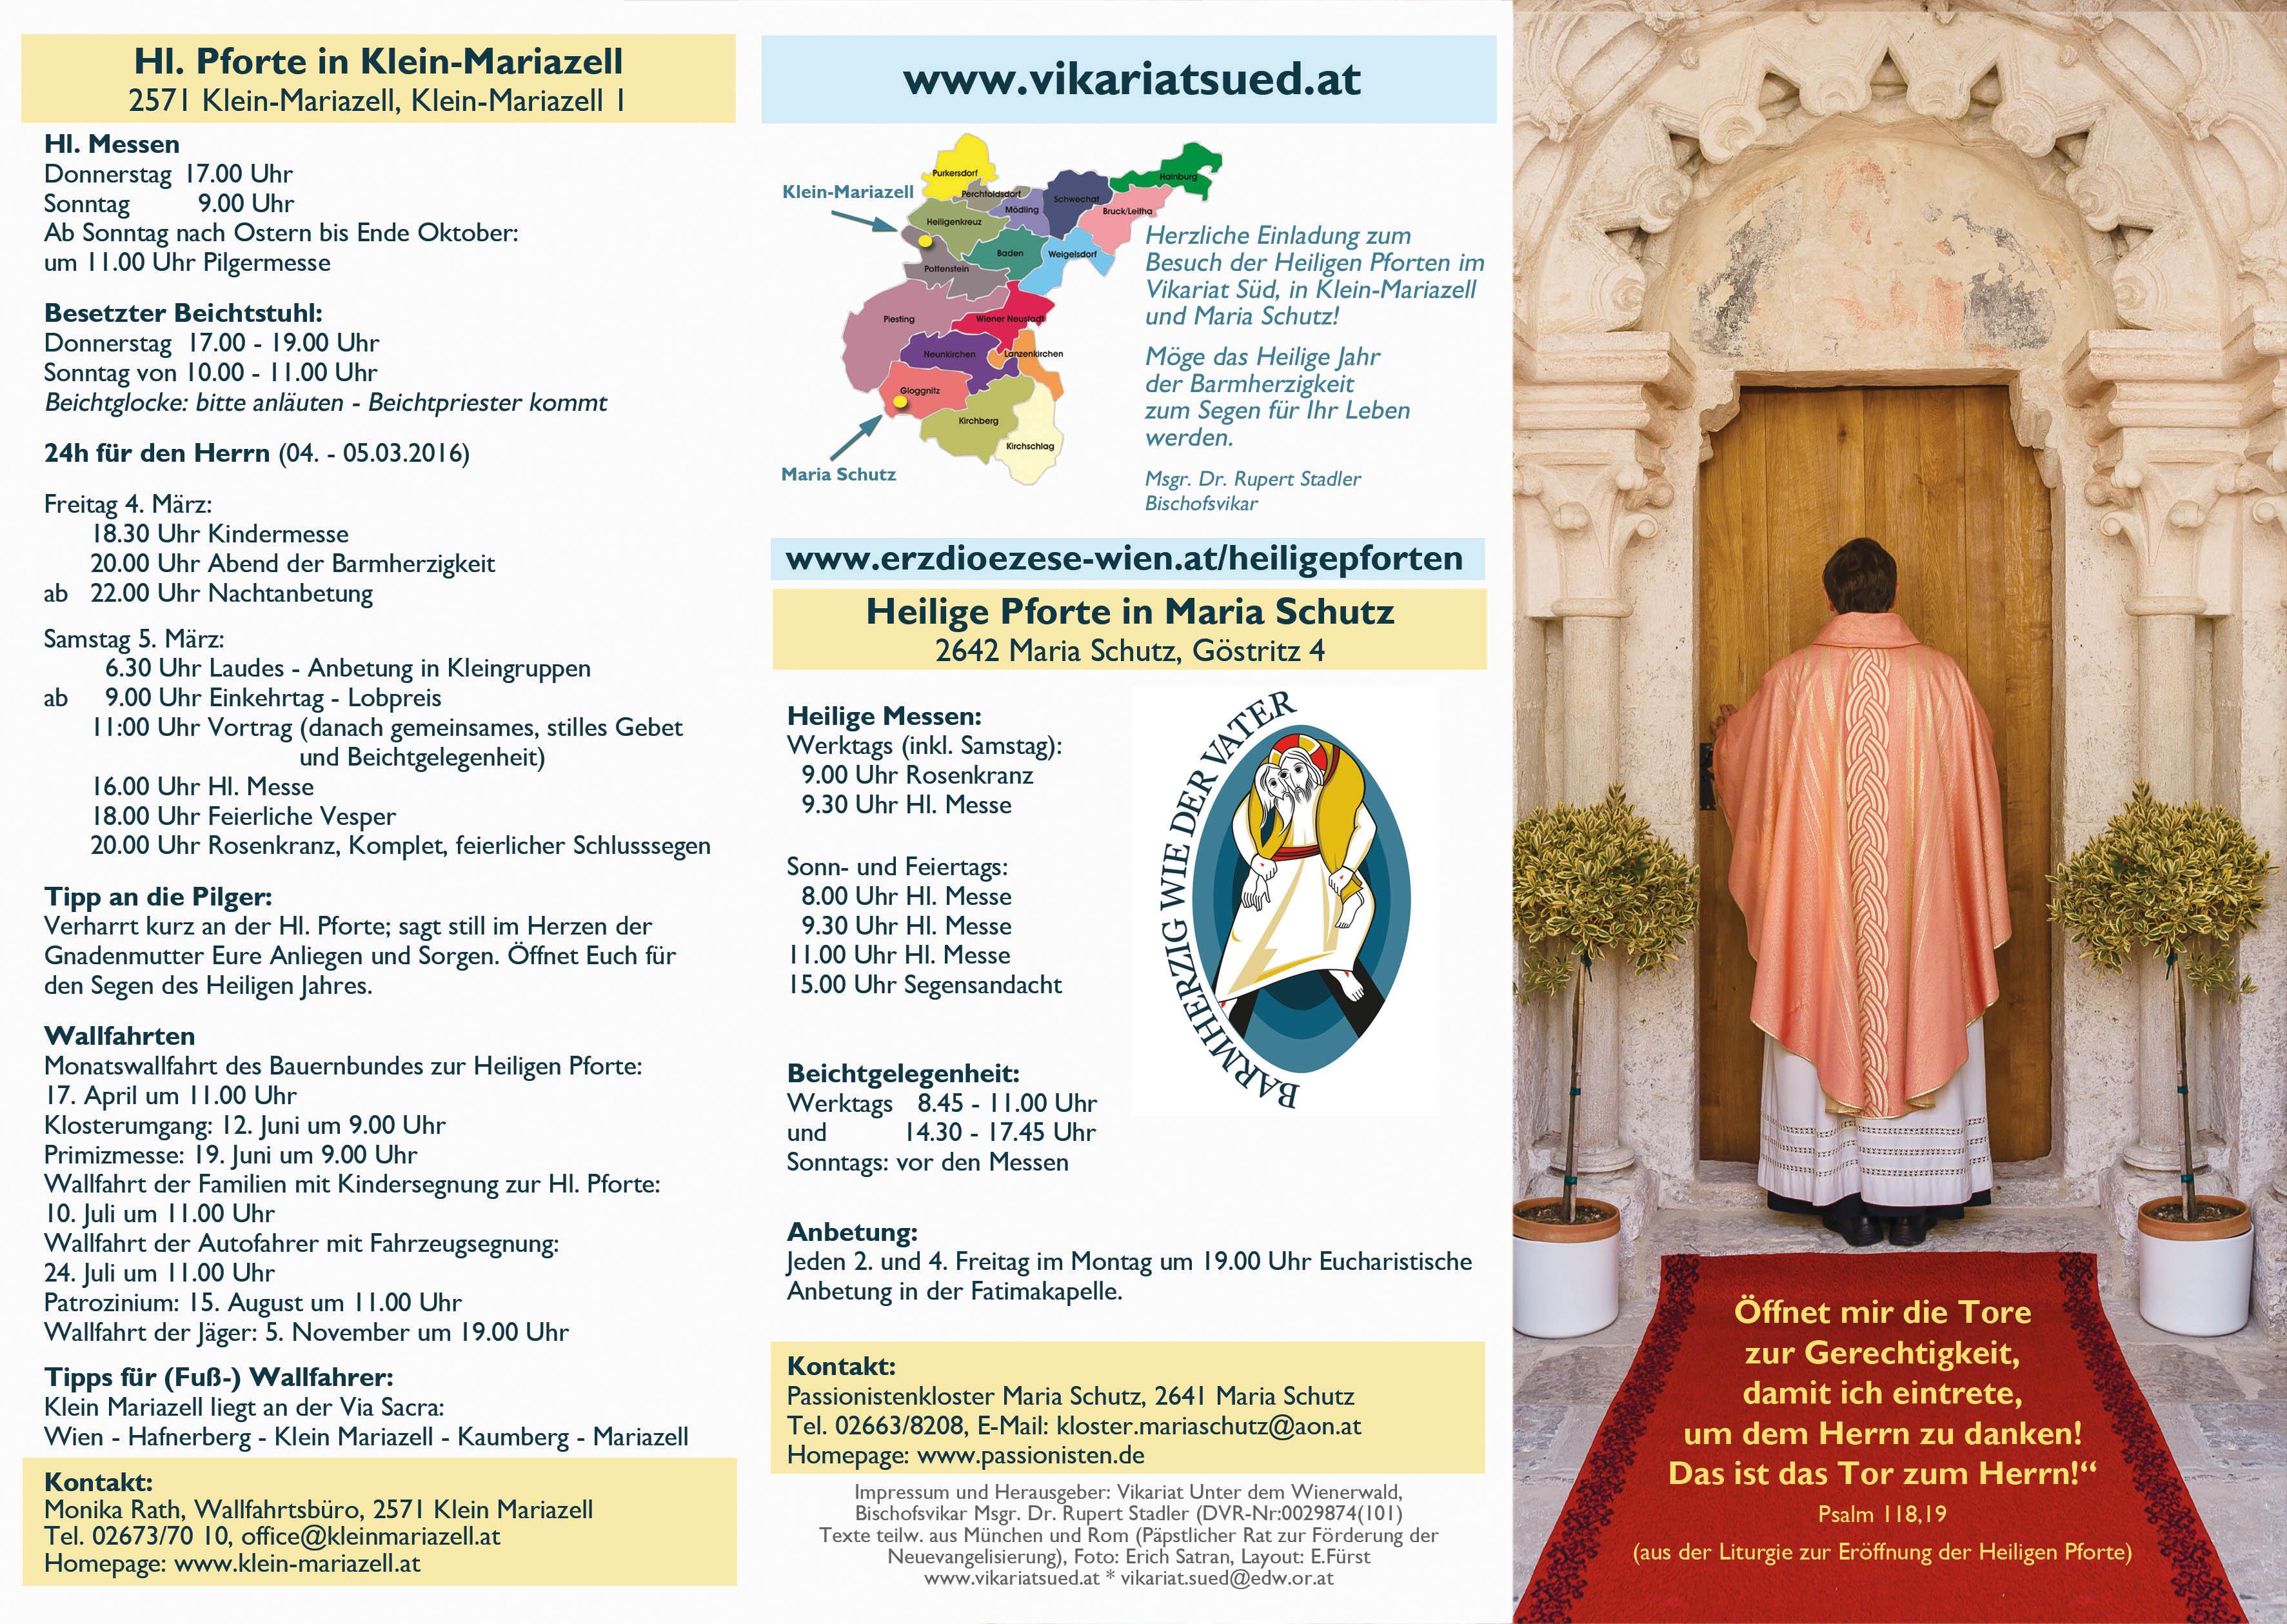 Folder Hinführung zum Durchschreiten der Heiligen Pforten